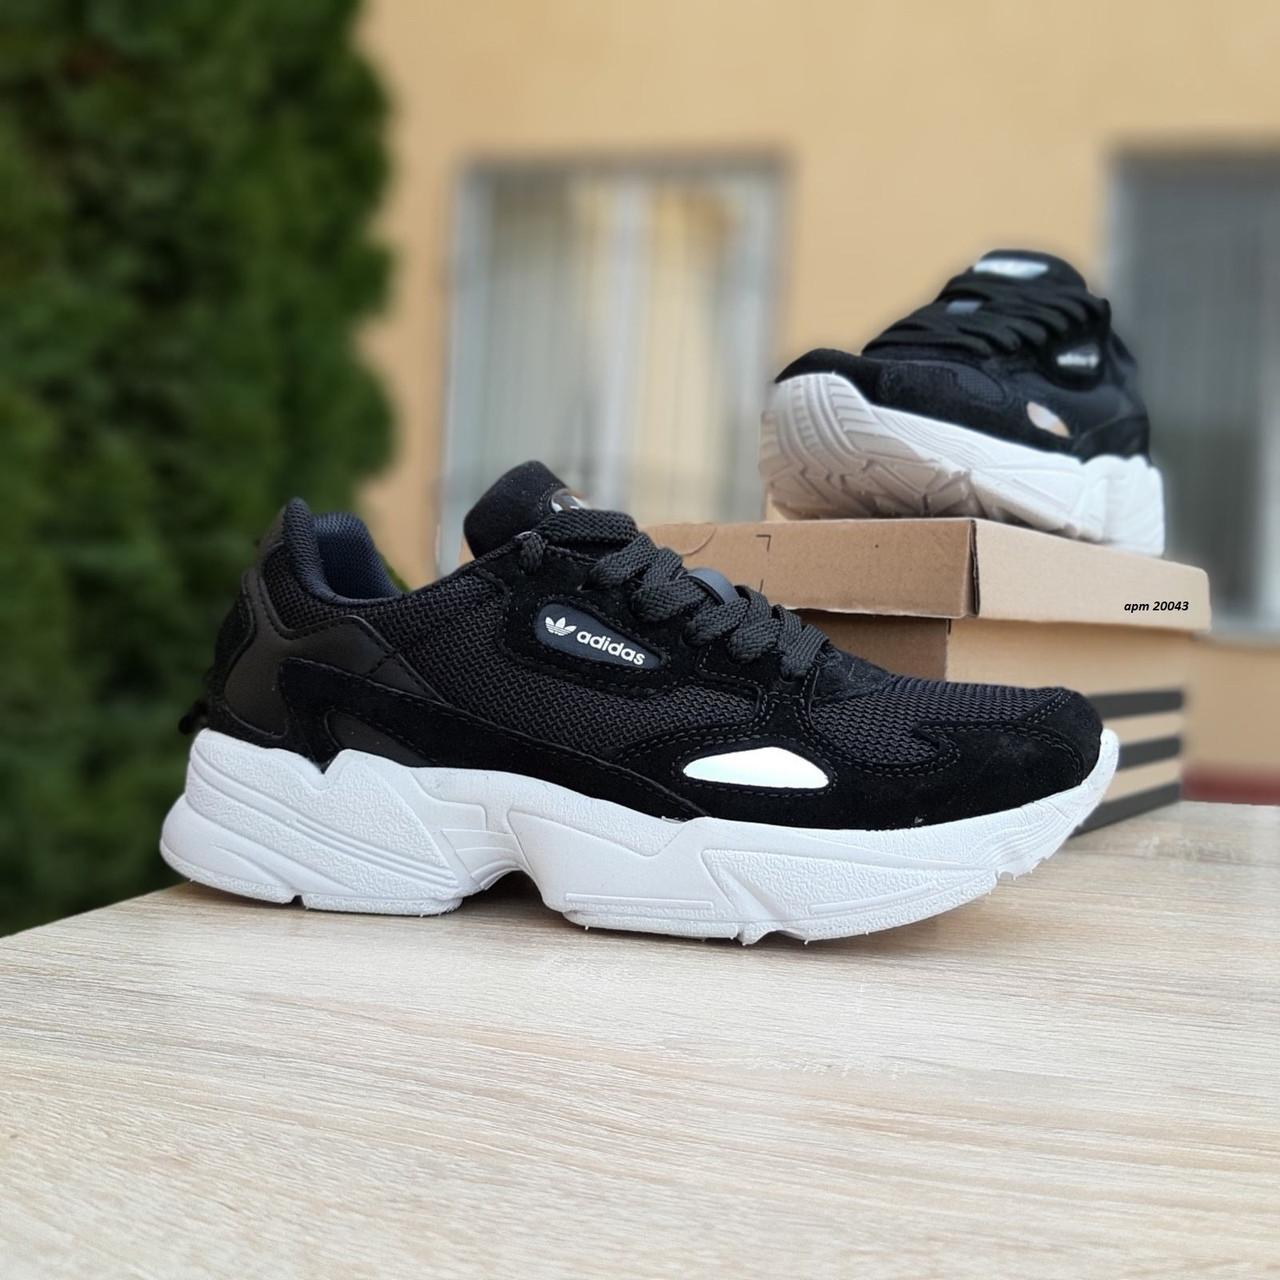 Кросівки розпродаж АКЦІЯ останні розміри Adidas 650 грн 40й(25,5 см), 41й(26см) копія люкс